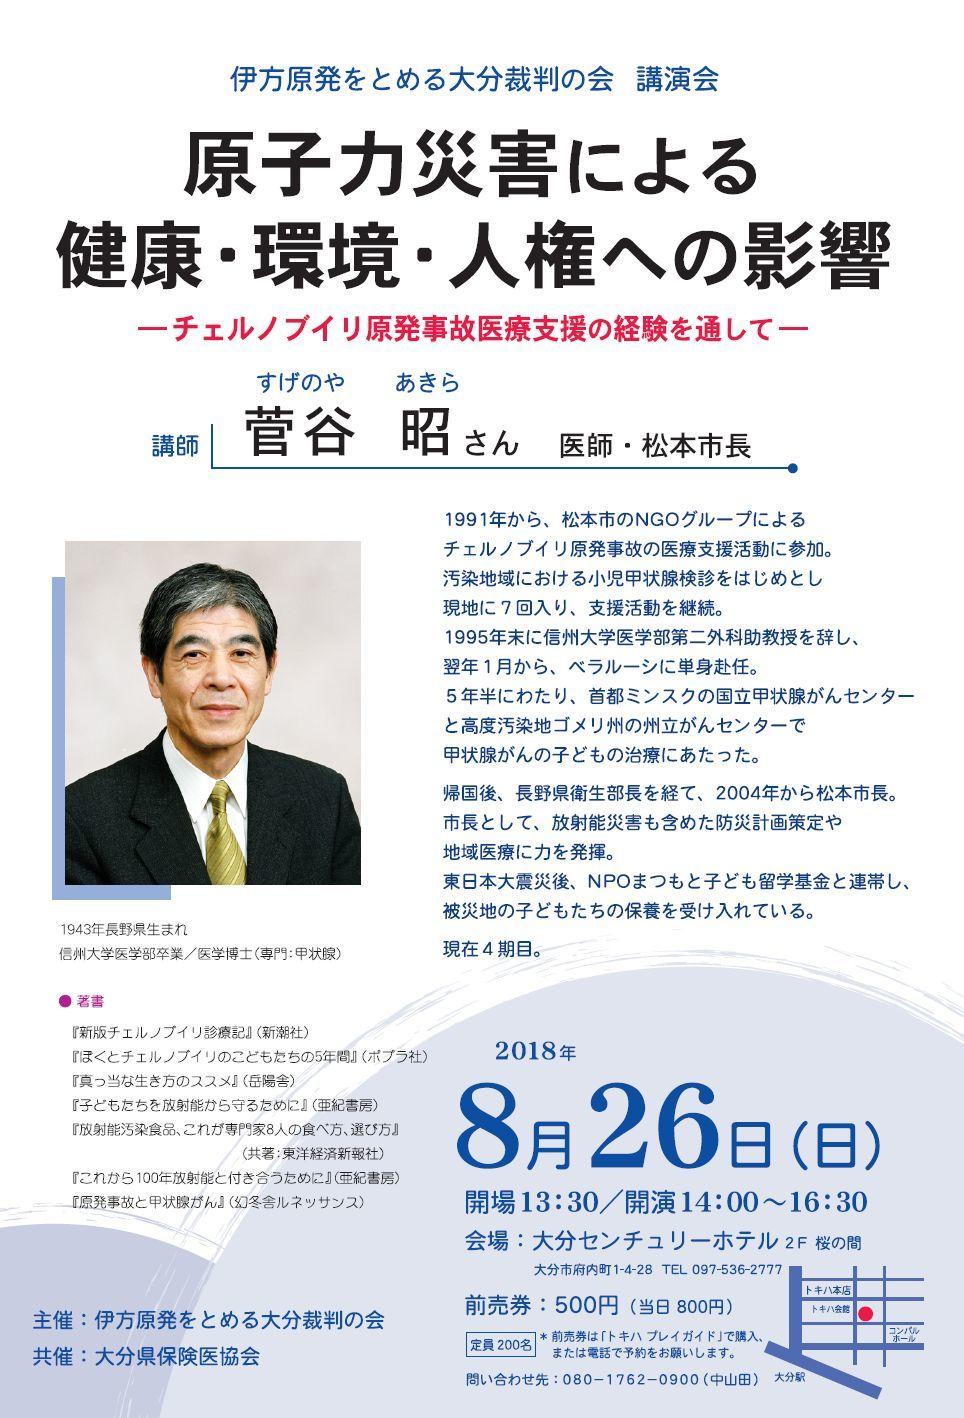 菅谷昭松本市長講演会「原子力災害による健康・環境・人権への影響」_d0174710_11130688.jpg